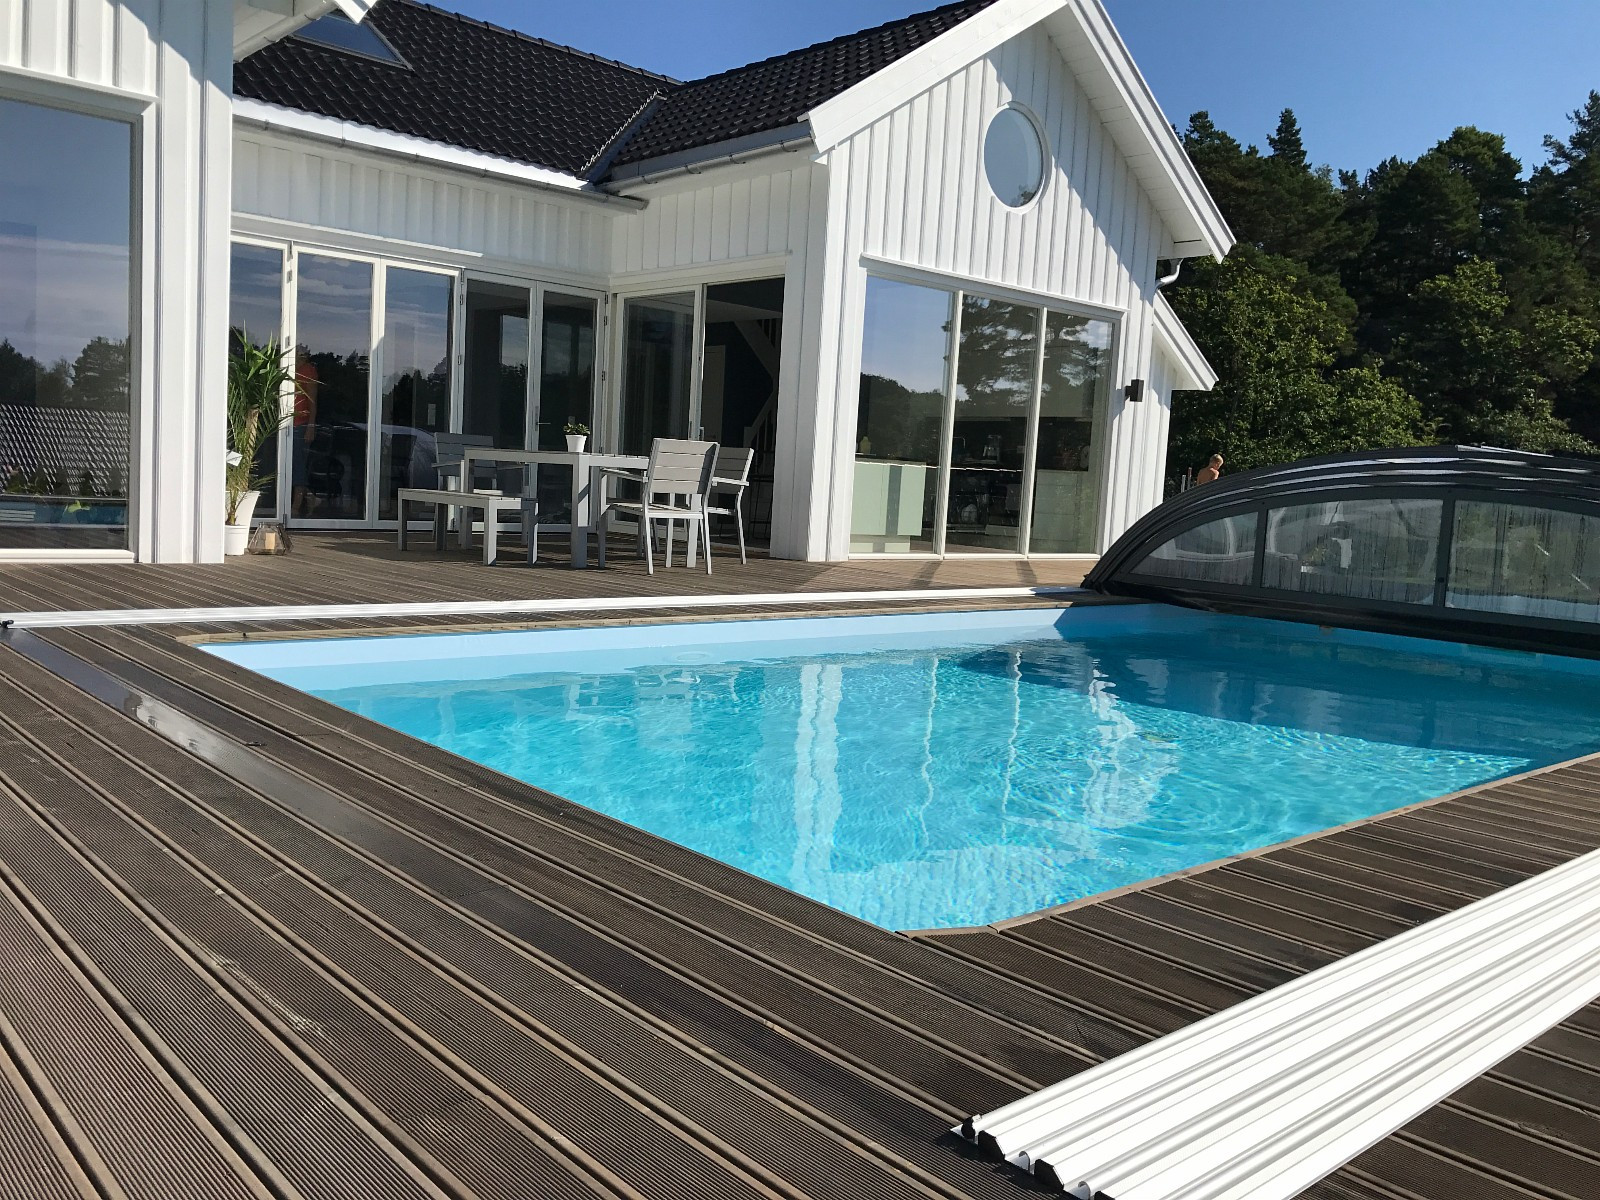 Stor usjenert terrasse. Meget barnevennlig! Foldedør fra stue/kjøkken mot bassengområdet.